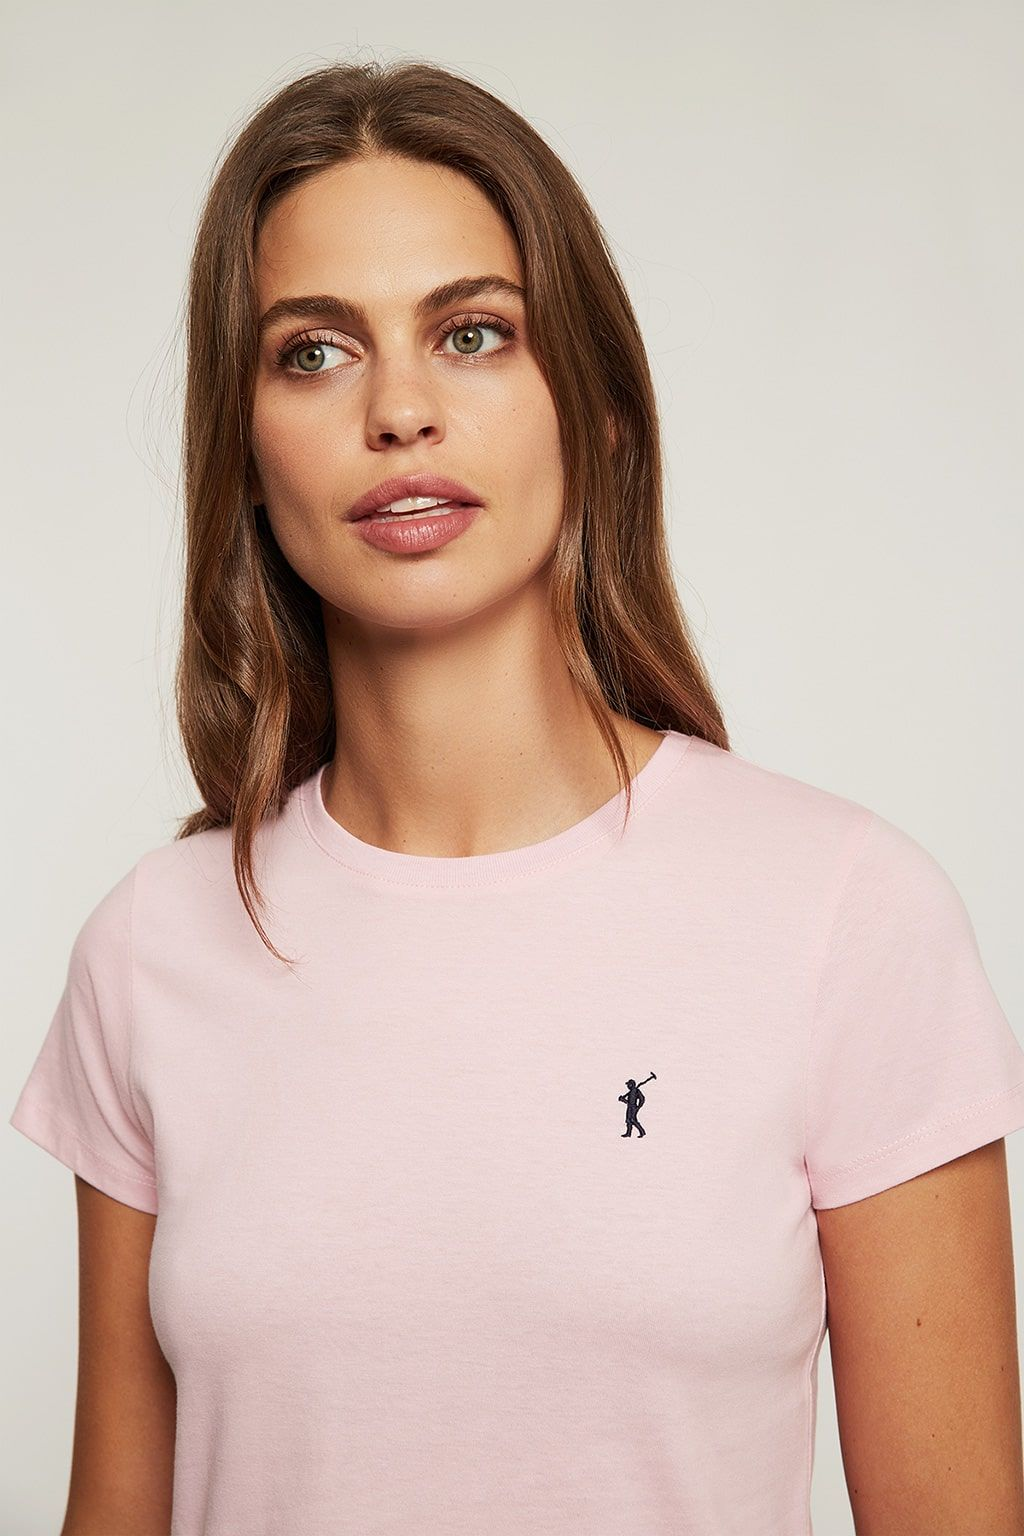 La moda lucha contra el cáncer de mama